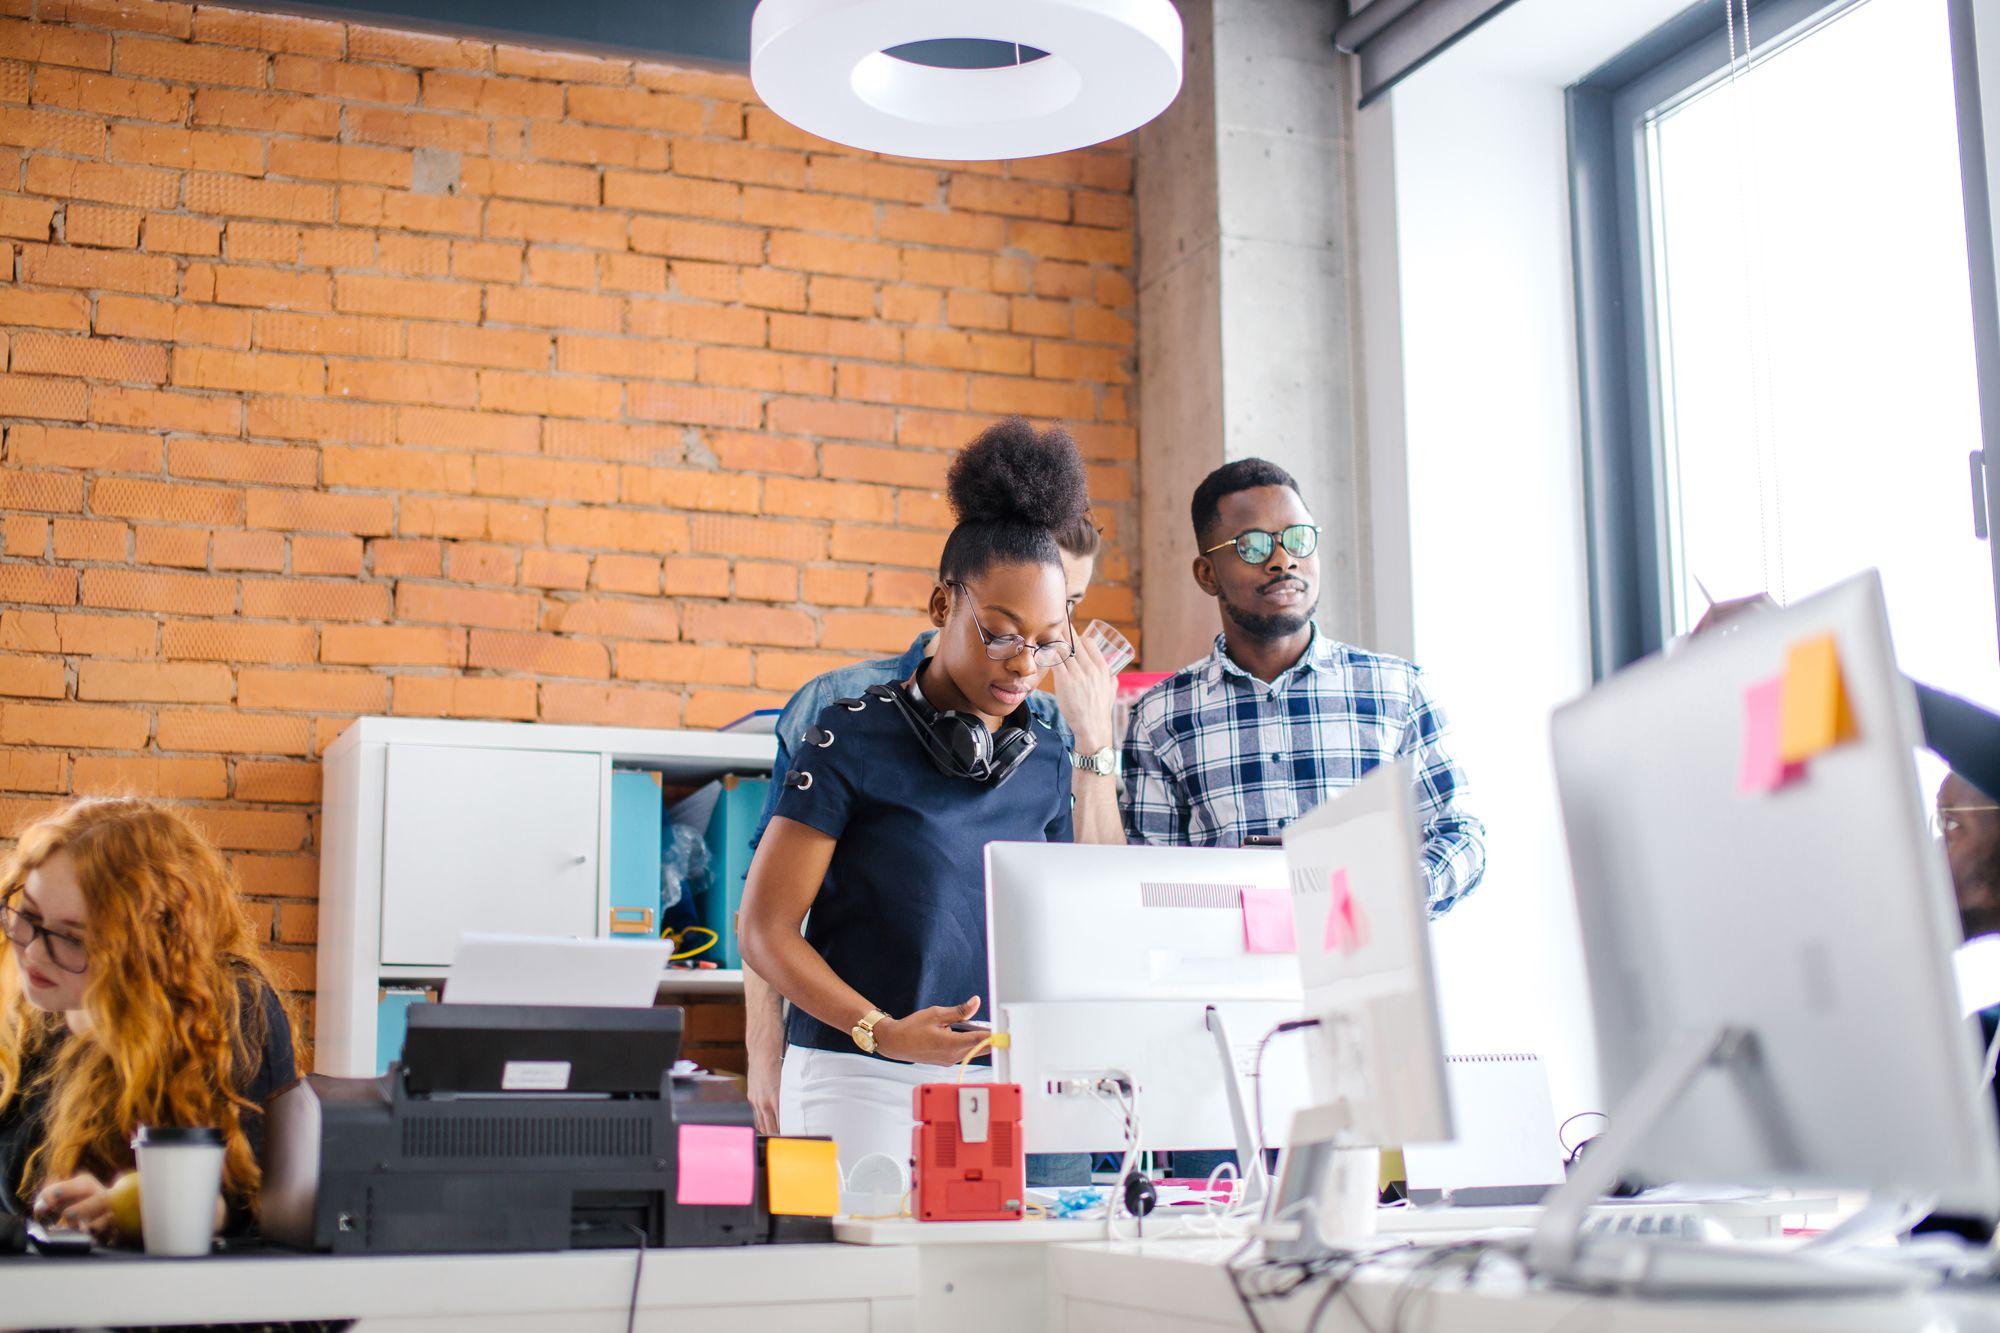 Saiba Como Melhorar A Gestao Da Sua Empresa Com O Benchmarking